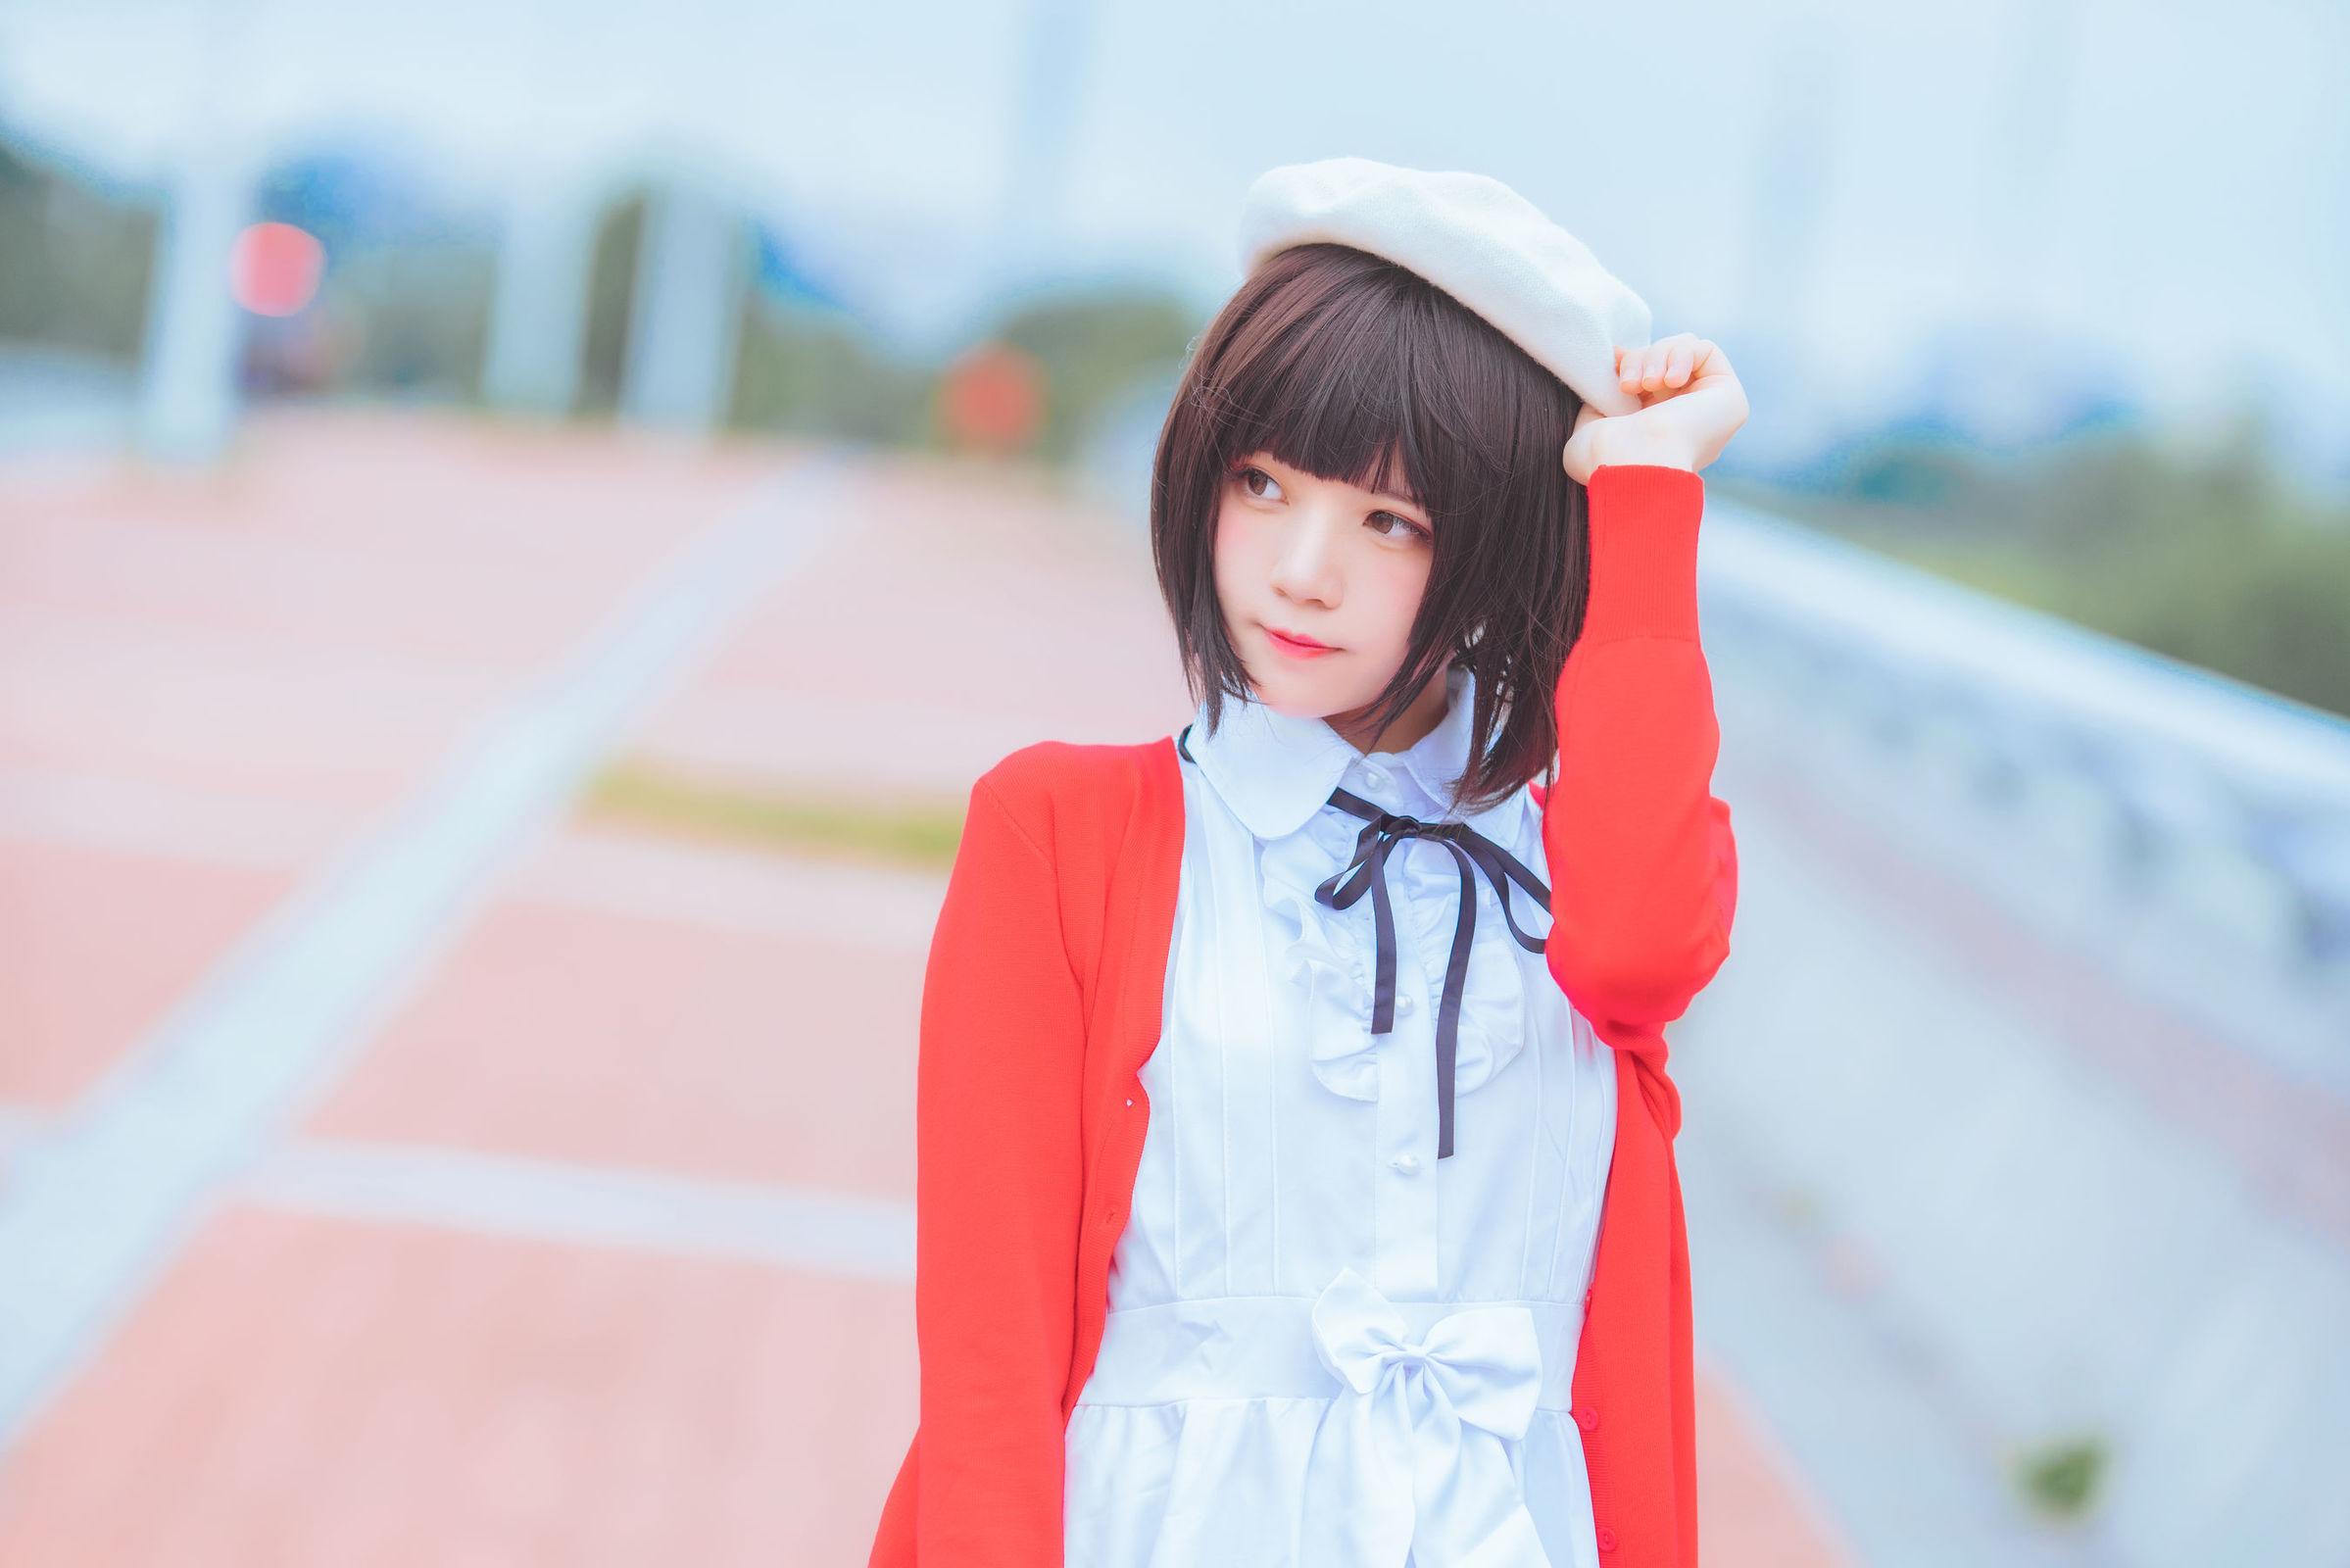 加藤惠 桜桃喵 COSPLAY17